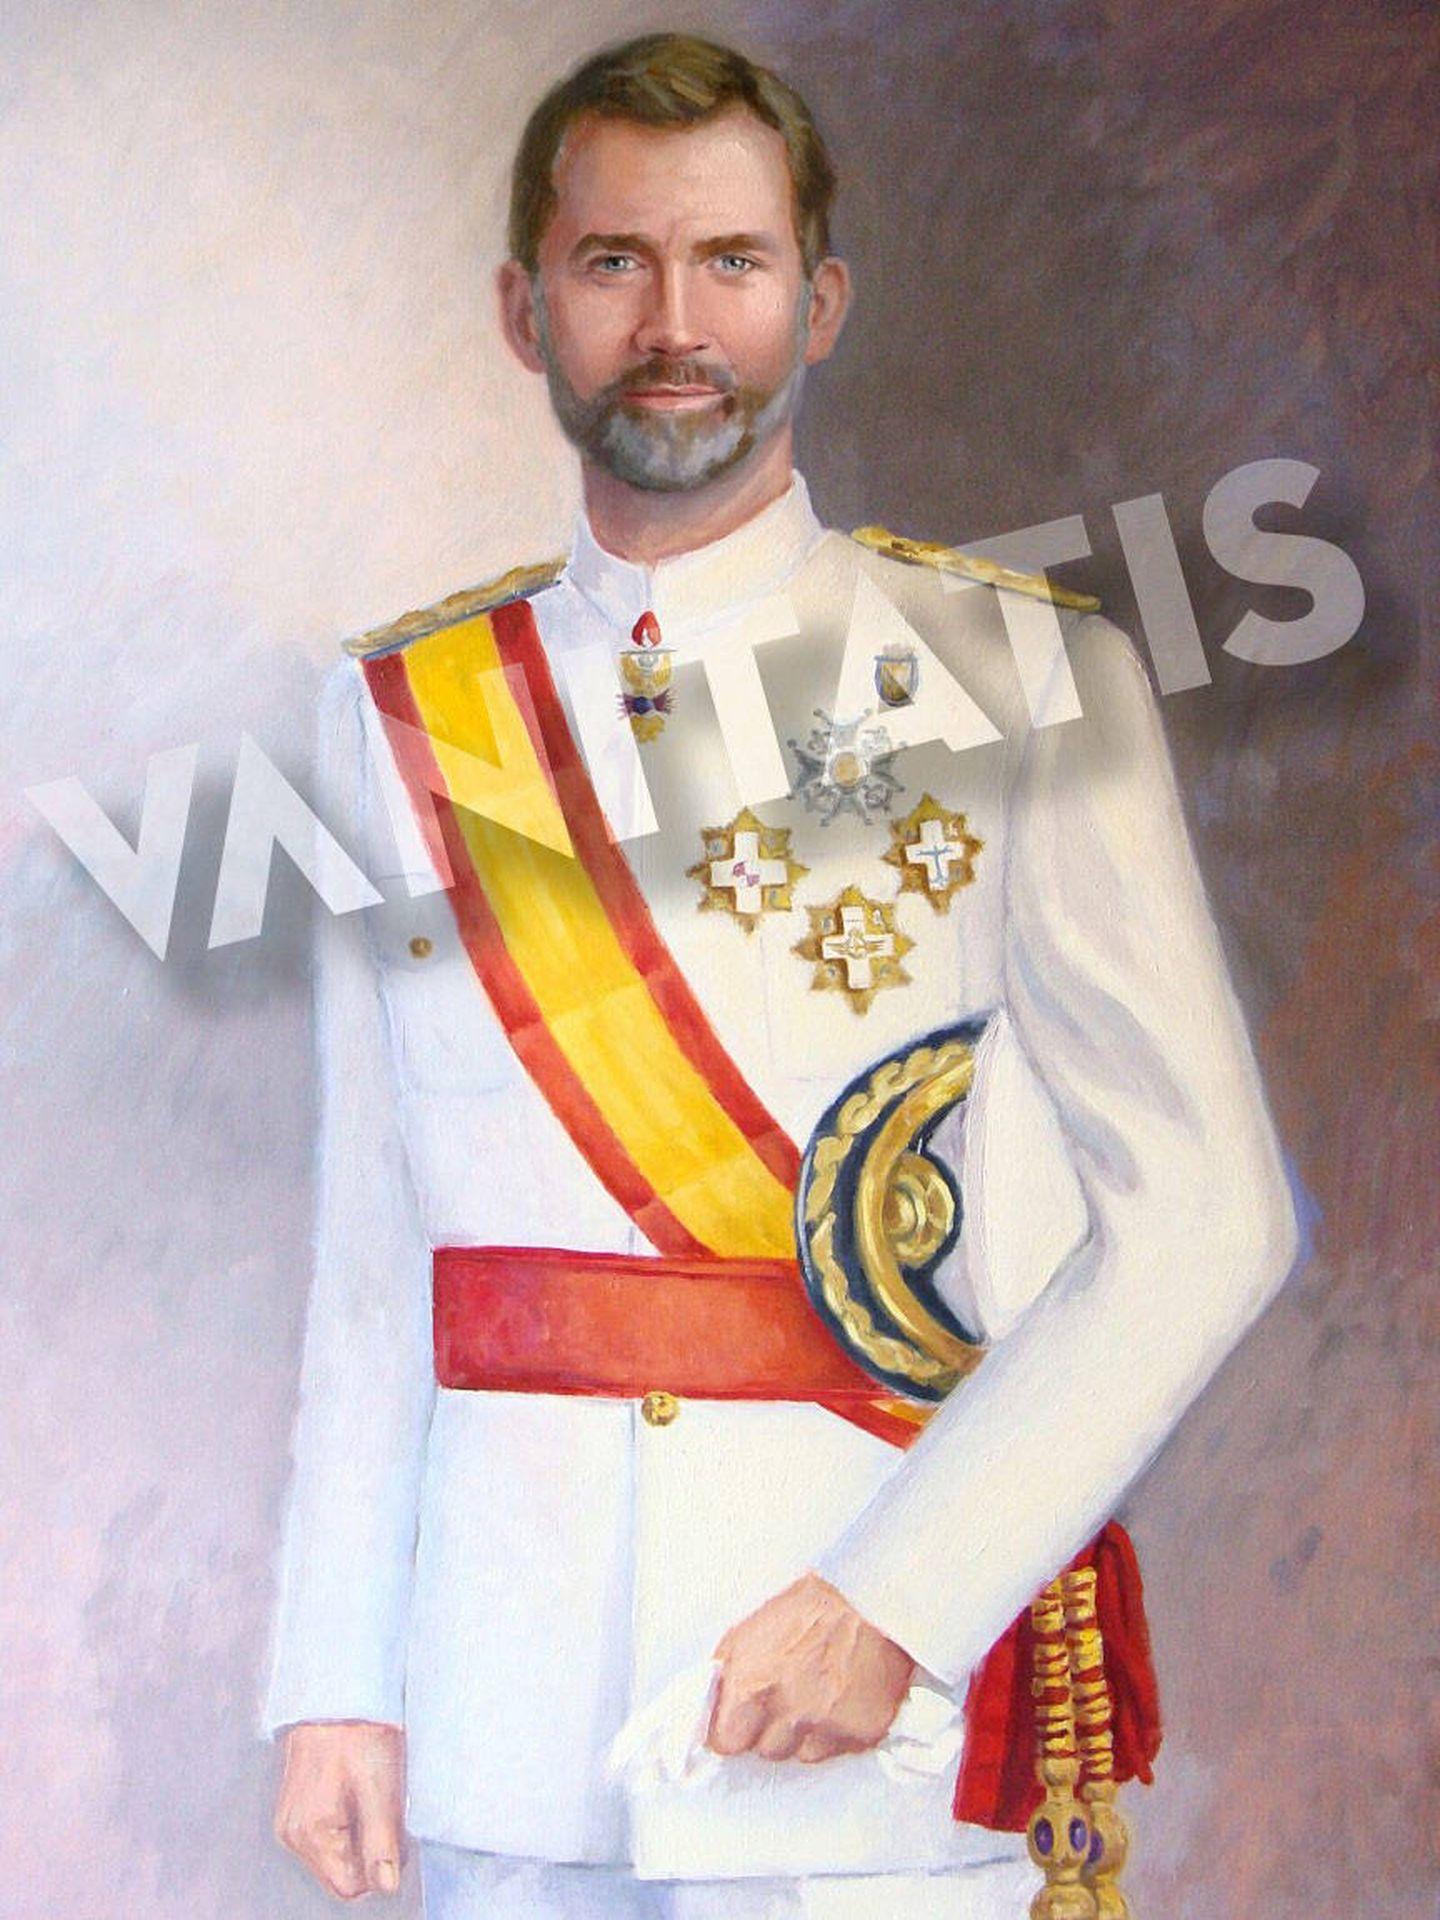 Retrato del rey Felipe. (Imagen cedida por Marta de Arespacochaga. Prohibida su reproducción)